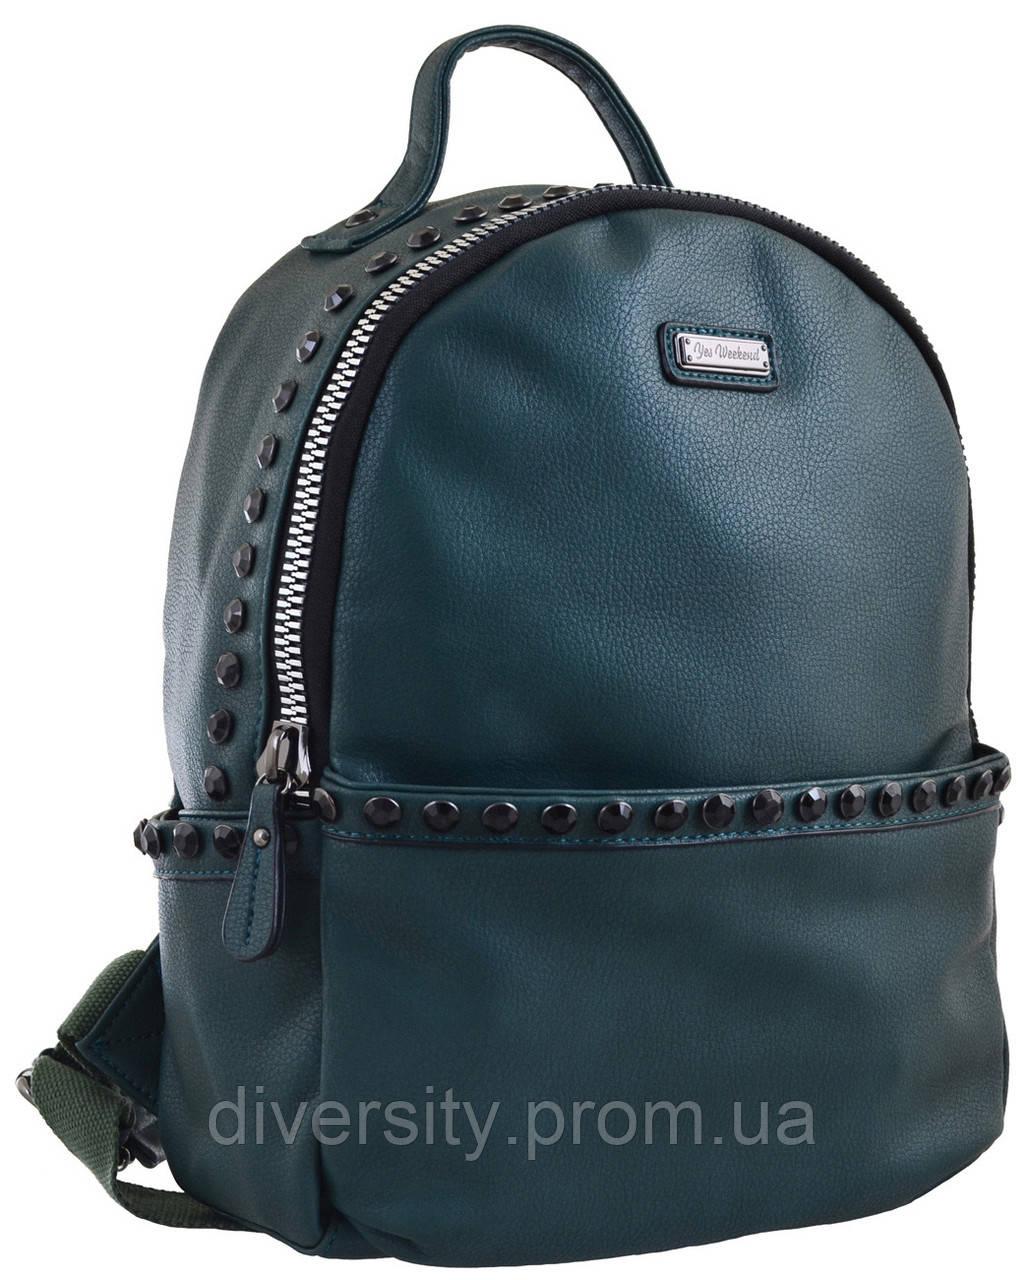 Женский рюкзак YES YW-15, бутылочный